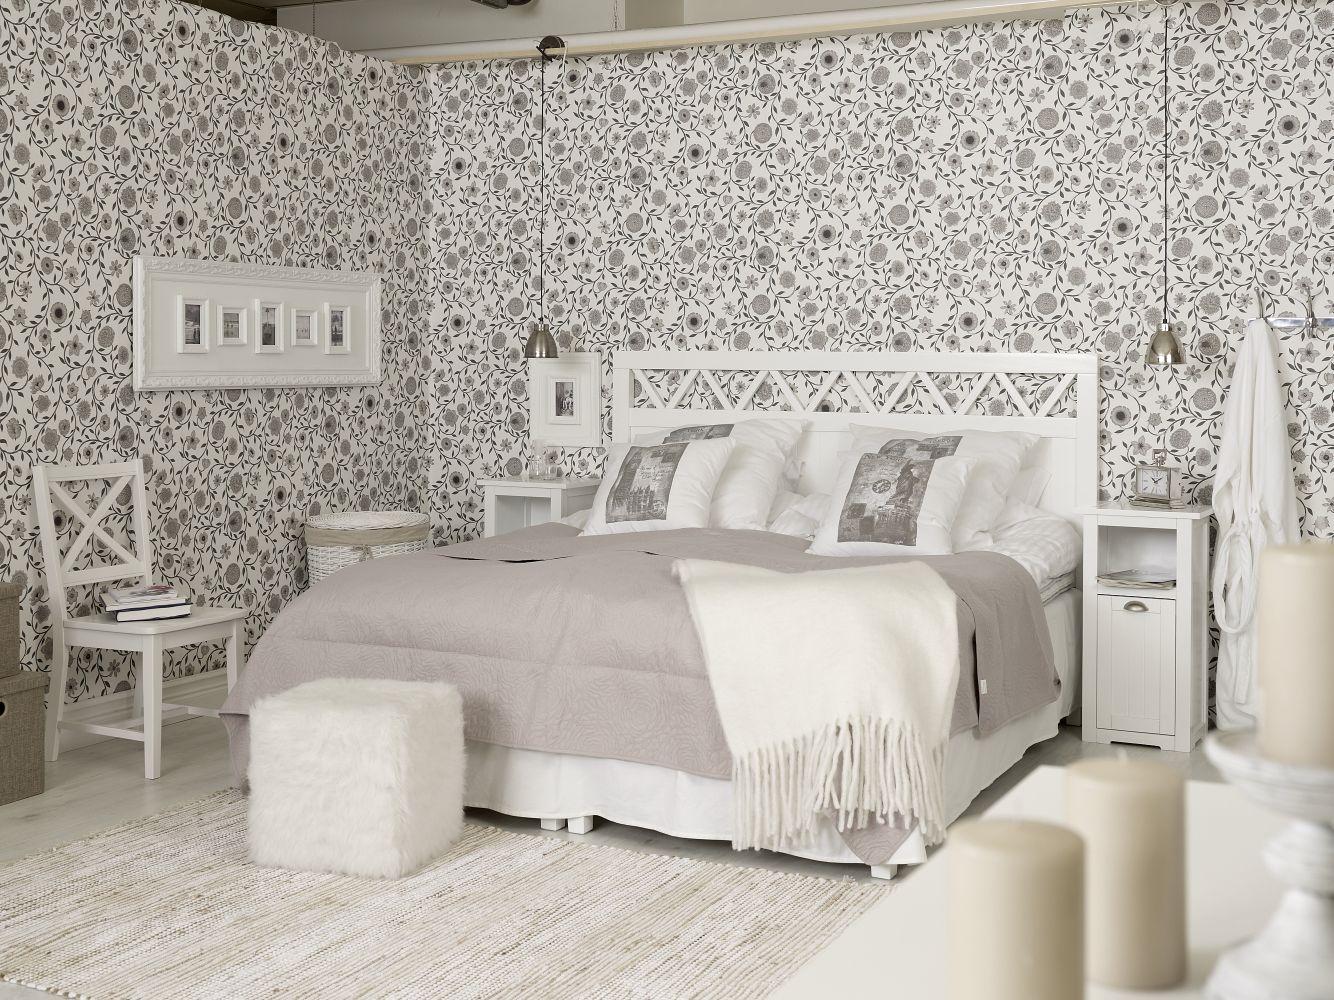 Vilma Sänggavel Till 160cm Säng Vit 2490 Kr Trendrum Se